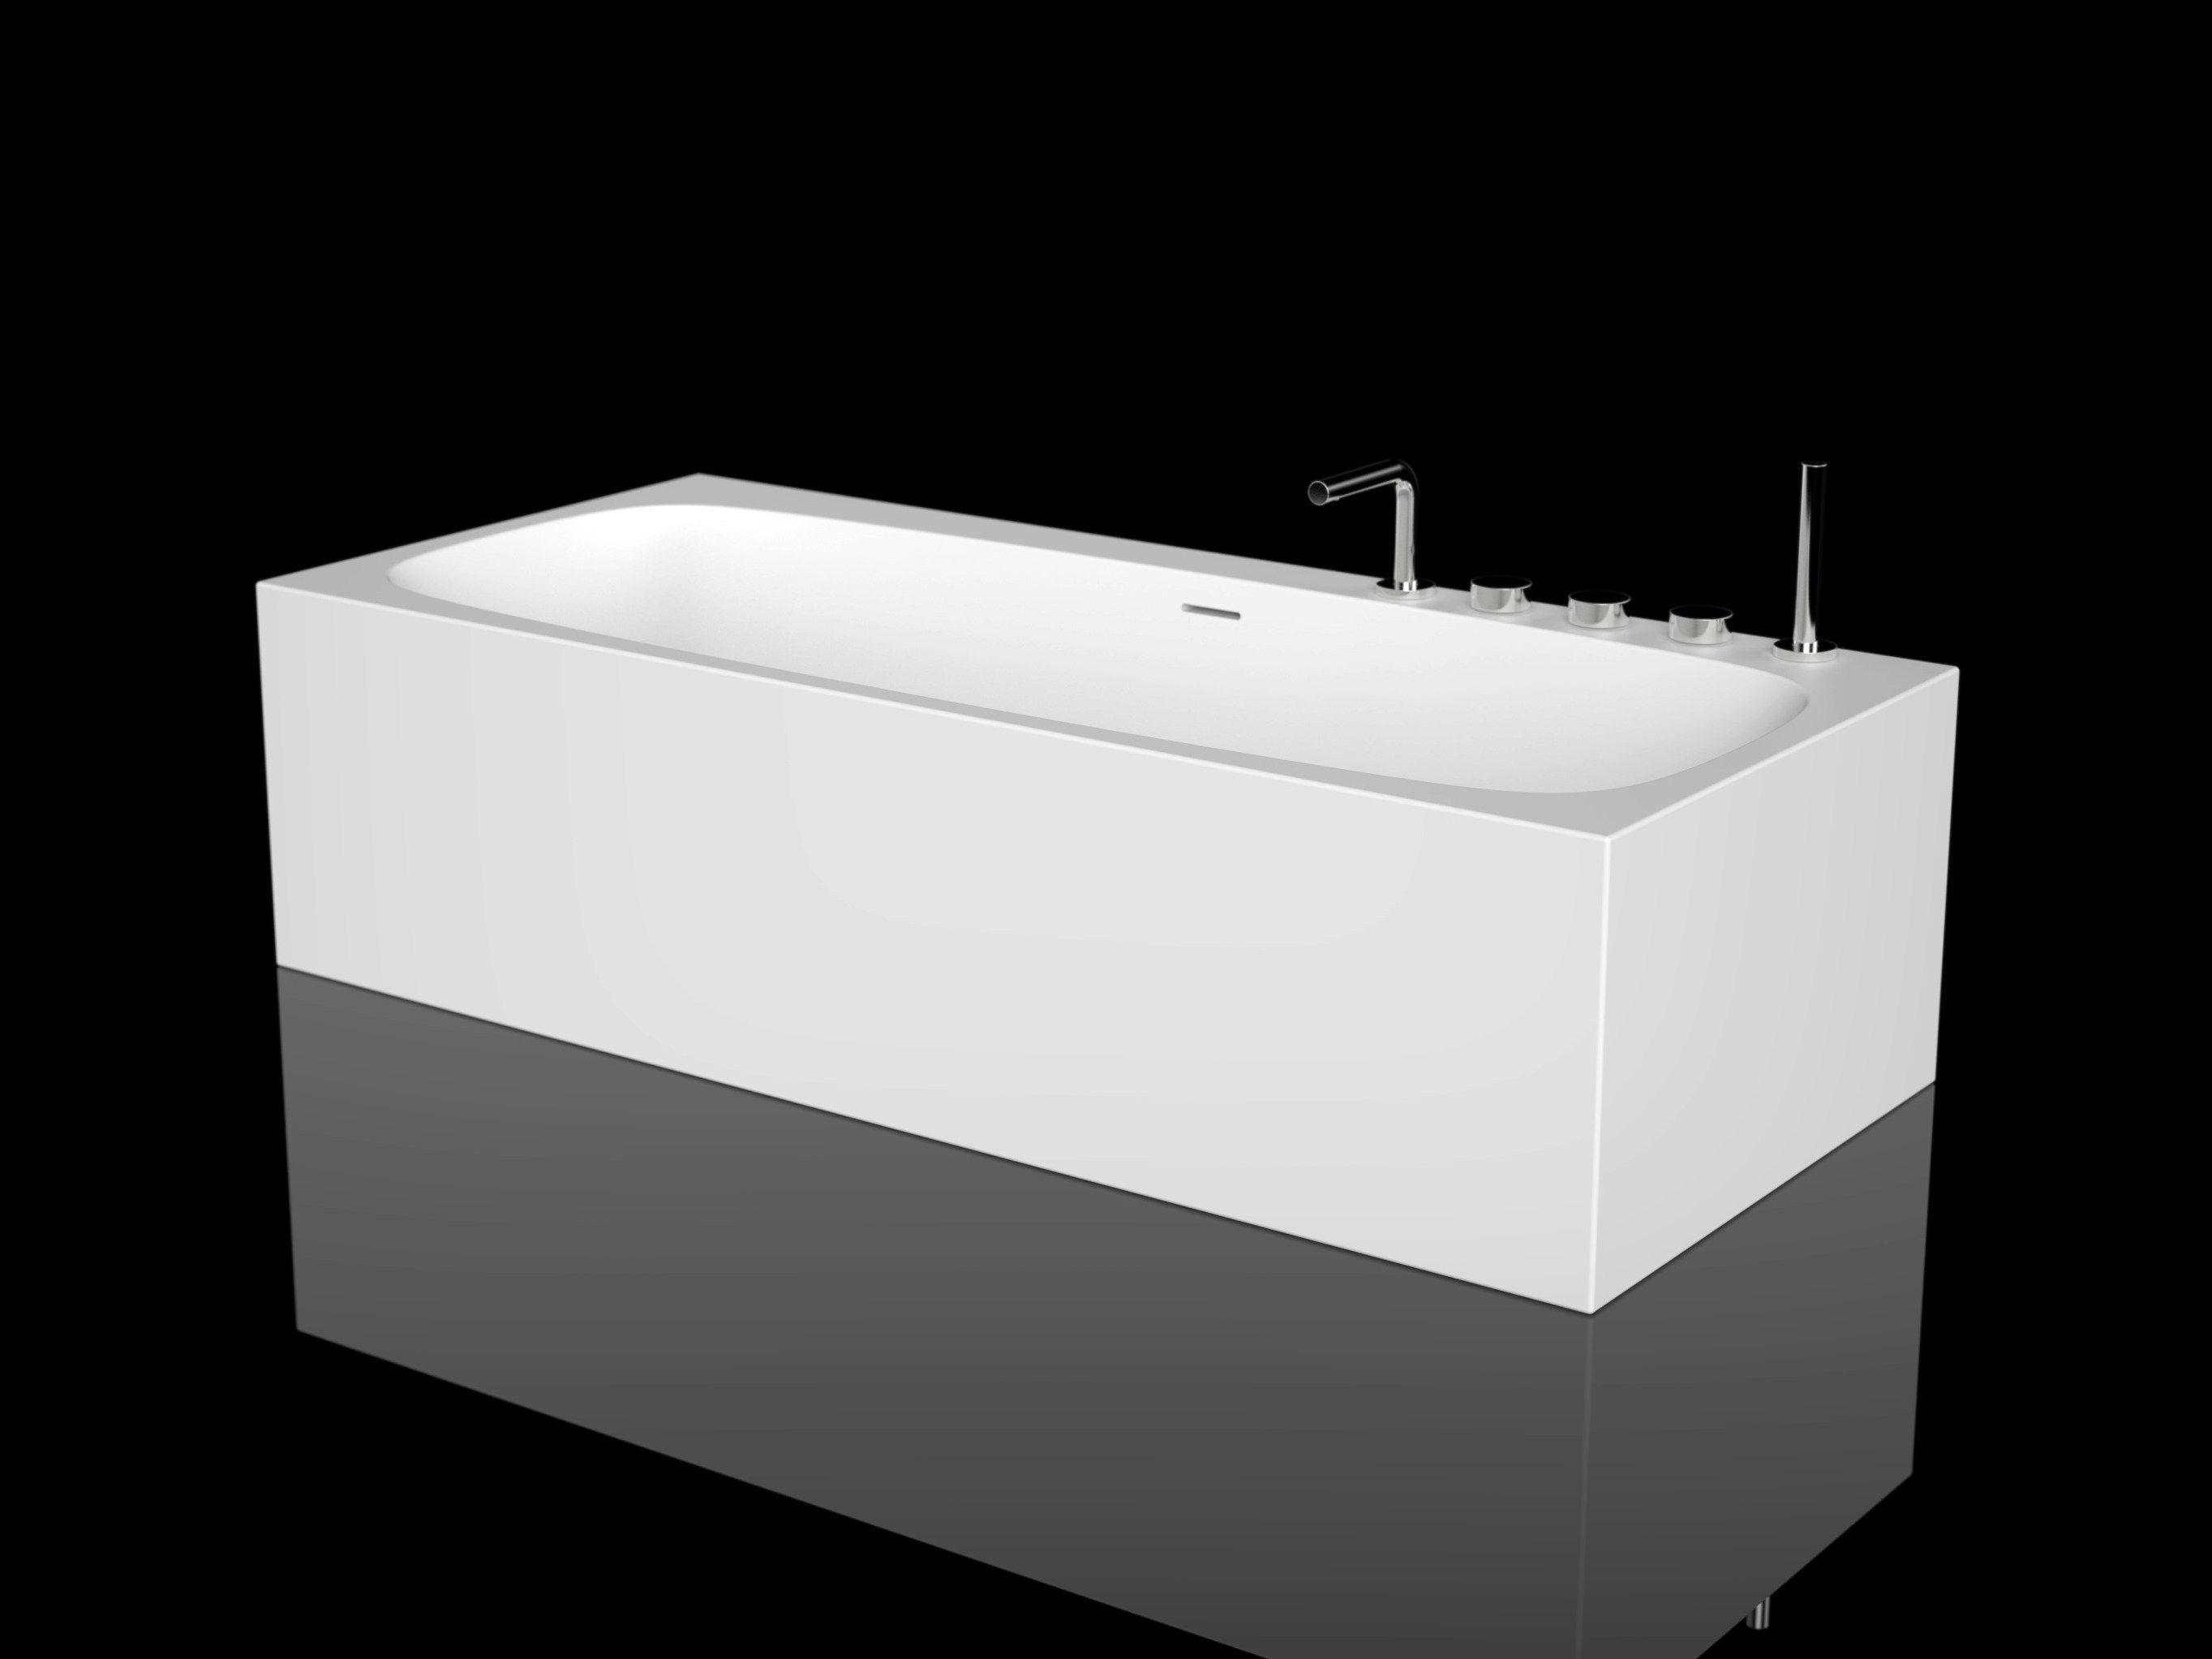 Vasche da bagno misure ridotte. vasca da bagno moderna with vasche